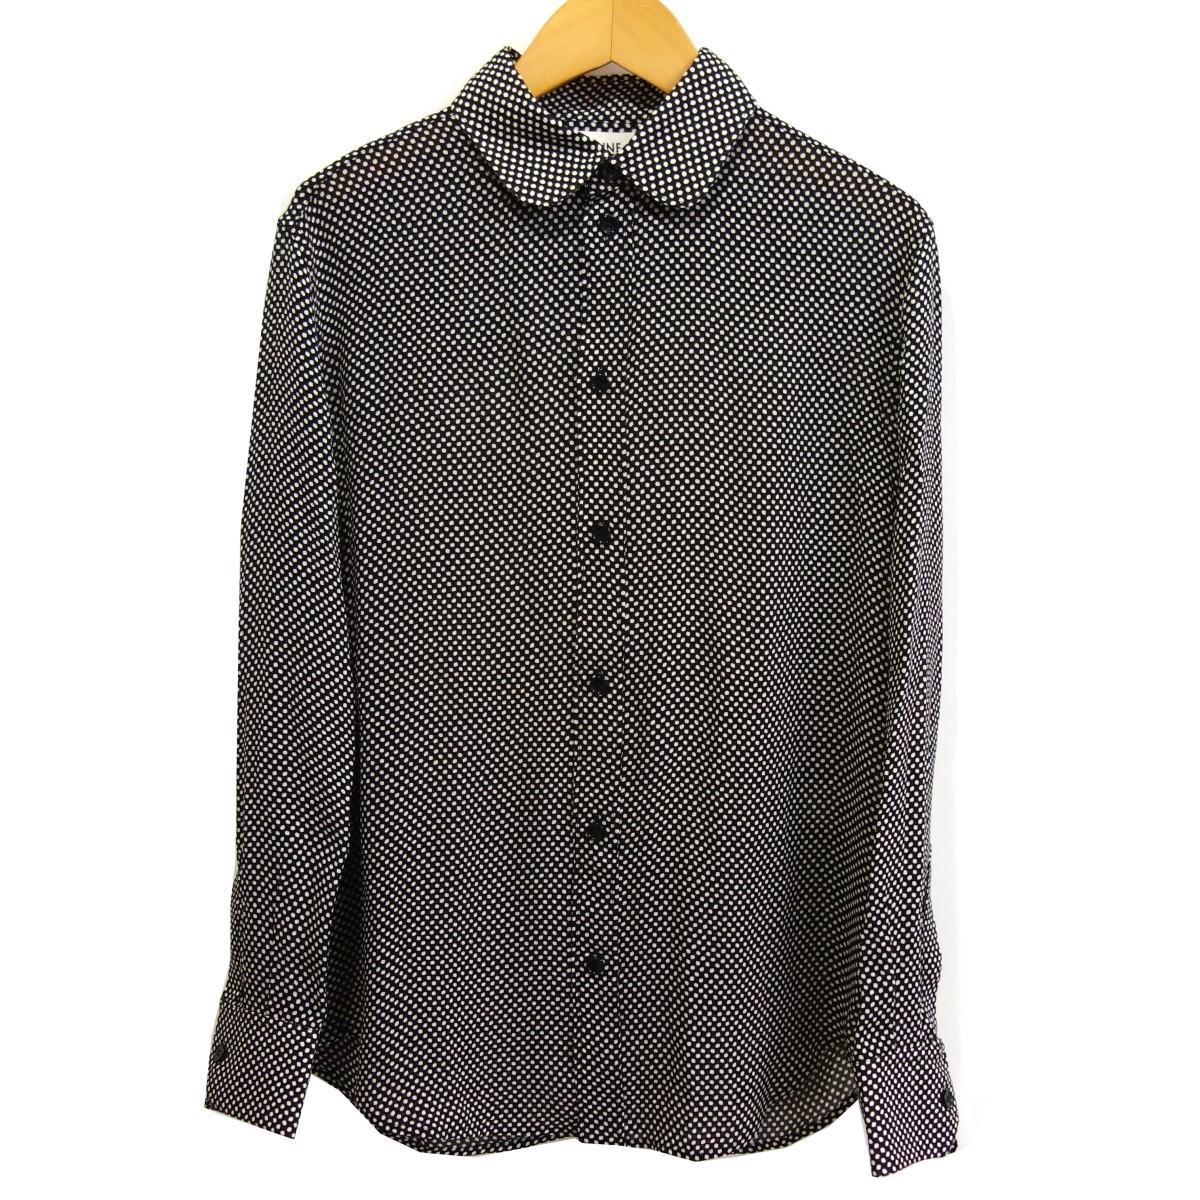 【中古】CELINE レーヨンドットシャツ ブラック サイズ:36 【200320】(セリーヌ)